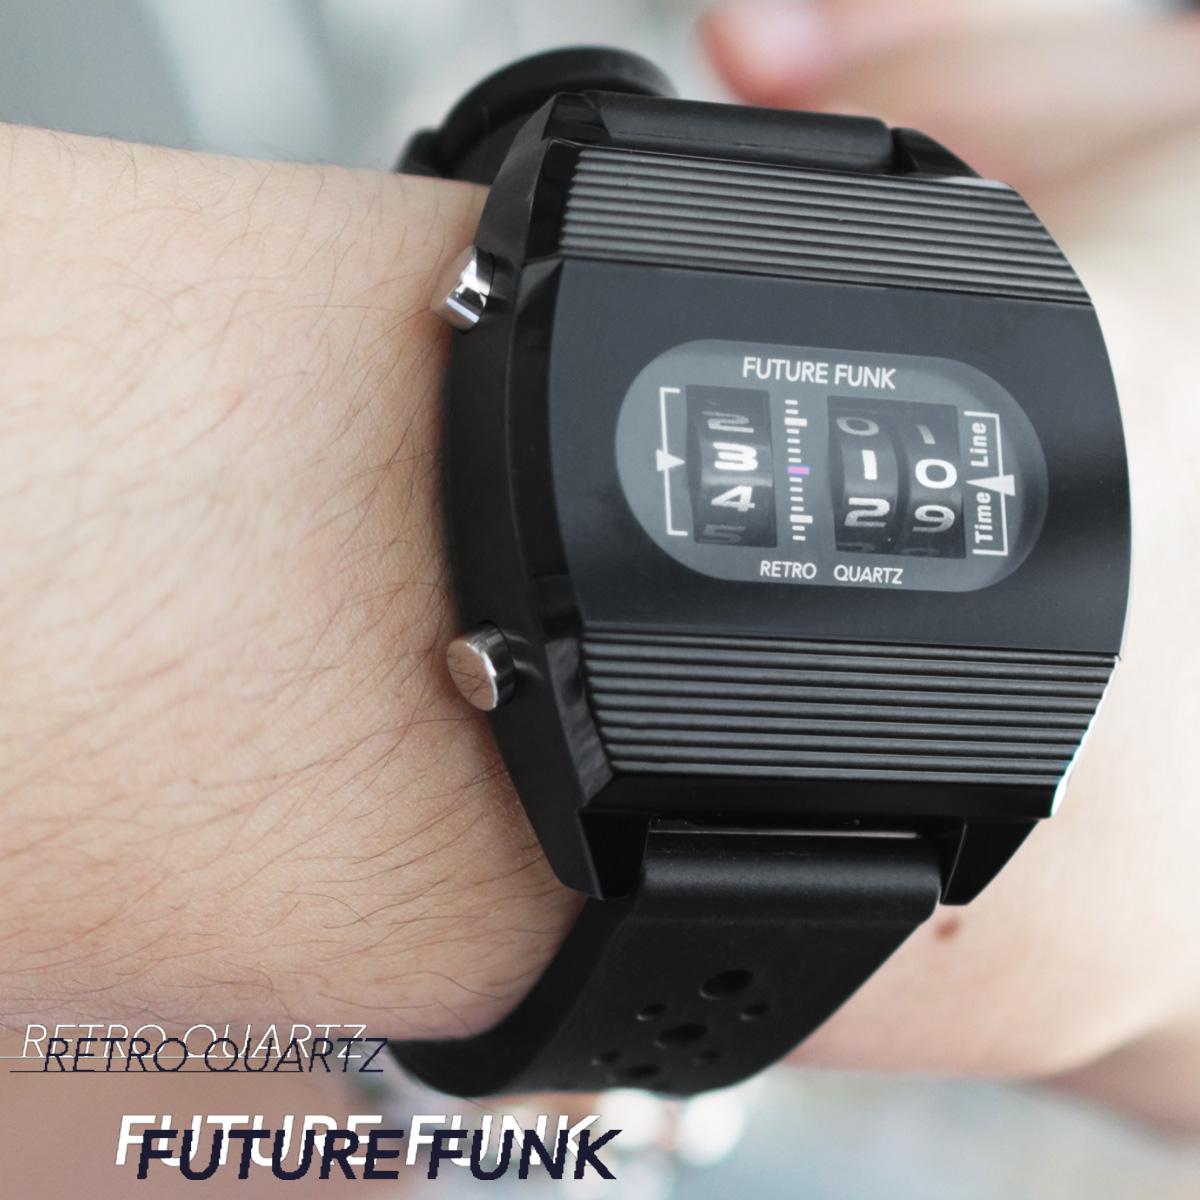 腕時計 メンズ ラバー バンド クオーツ腕時計 メンズ レディース ペア ユニセックス ブラック アナログ デジタル ウォッチ ギフト プレゼント FUTURE FUNK フューチャーファンク FF104-BK-RB